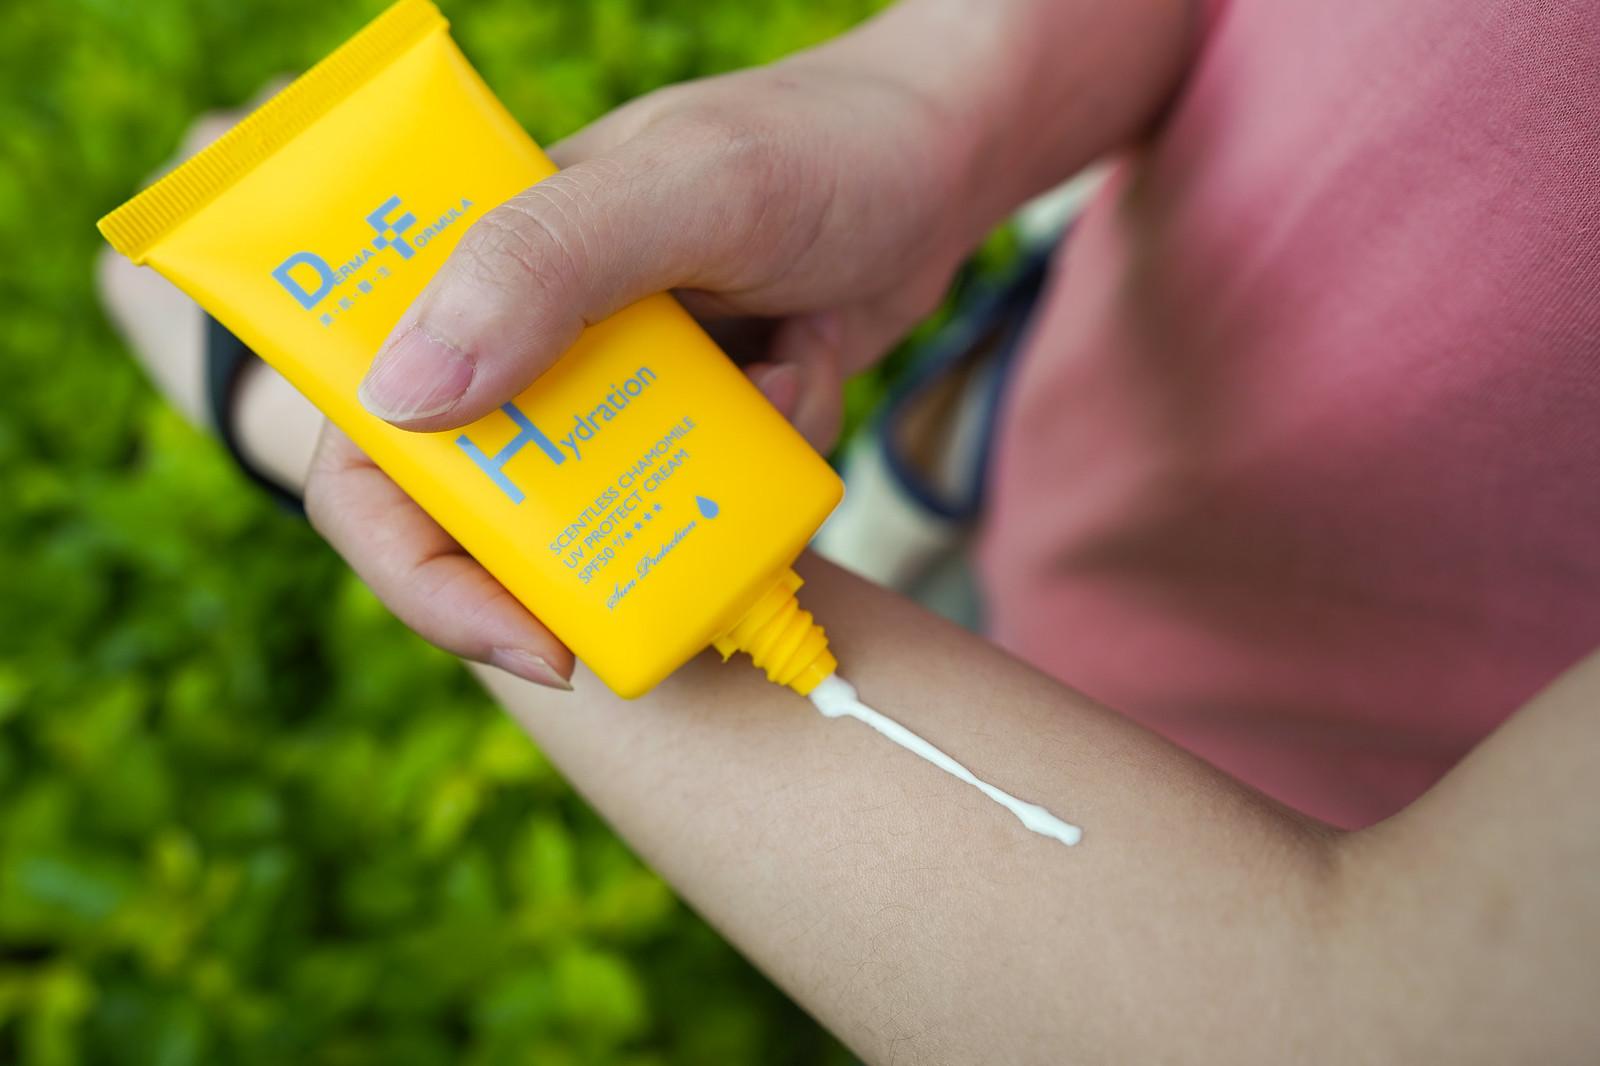 DF美肌醫生 白夏菊超修護防曬乳 方便好擠壓